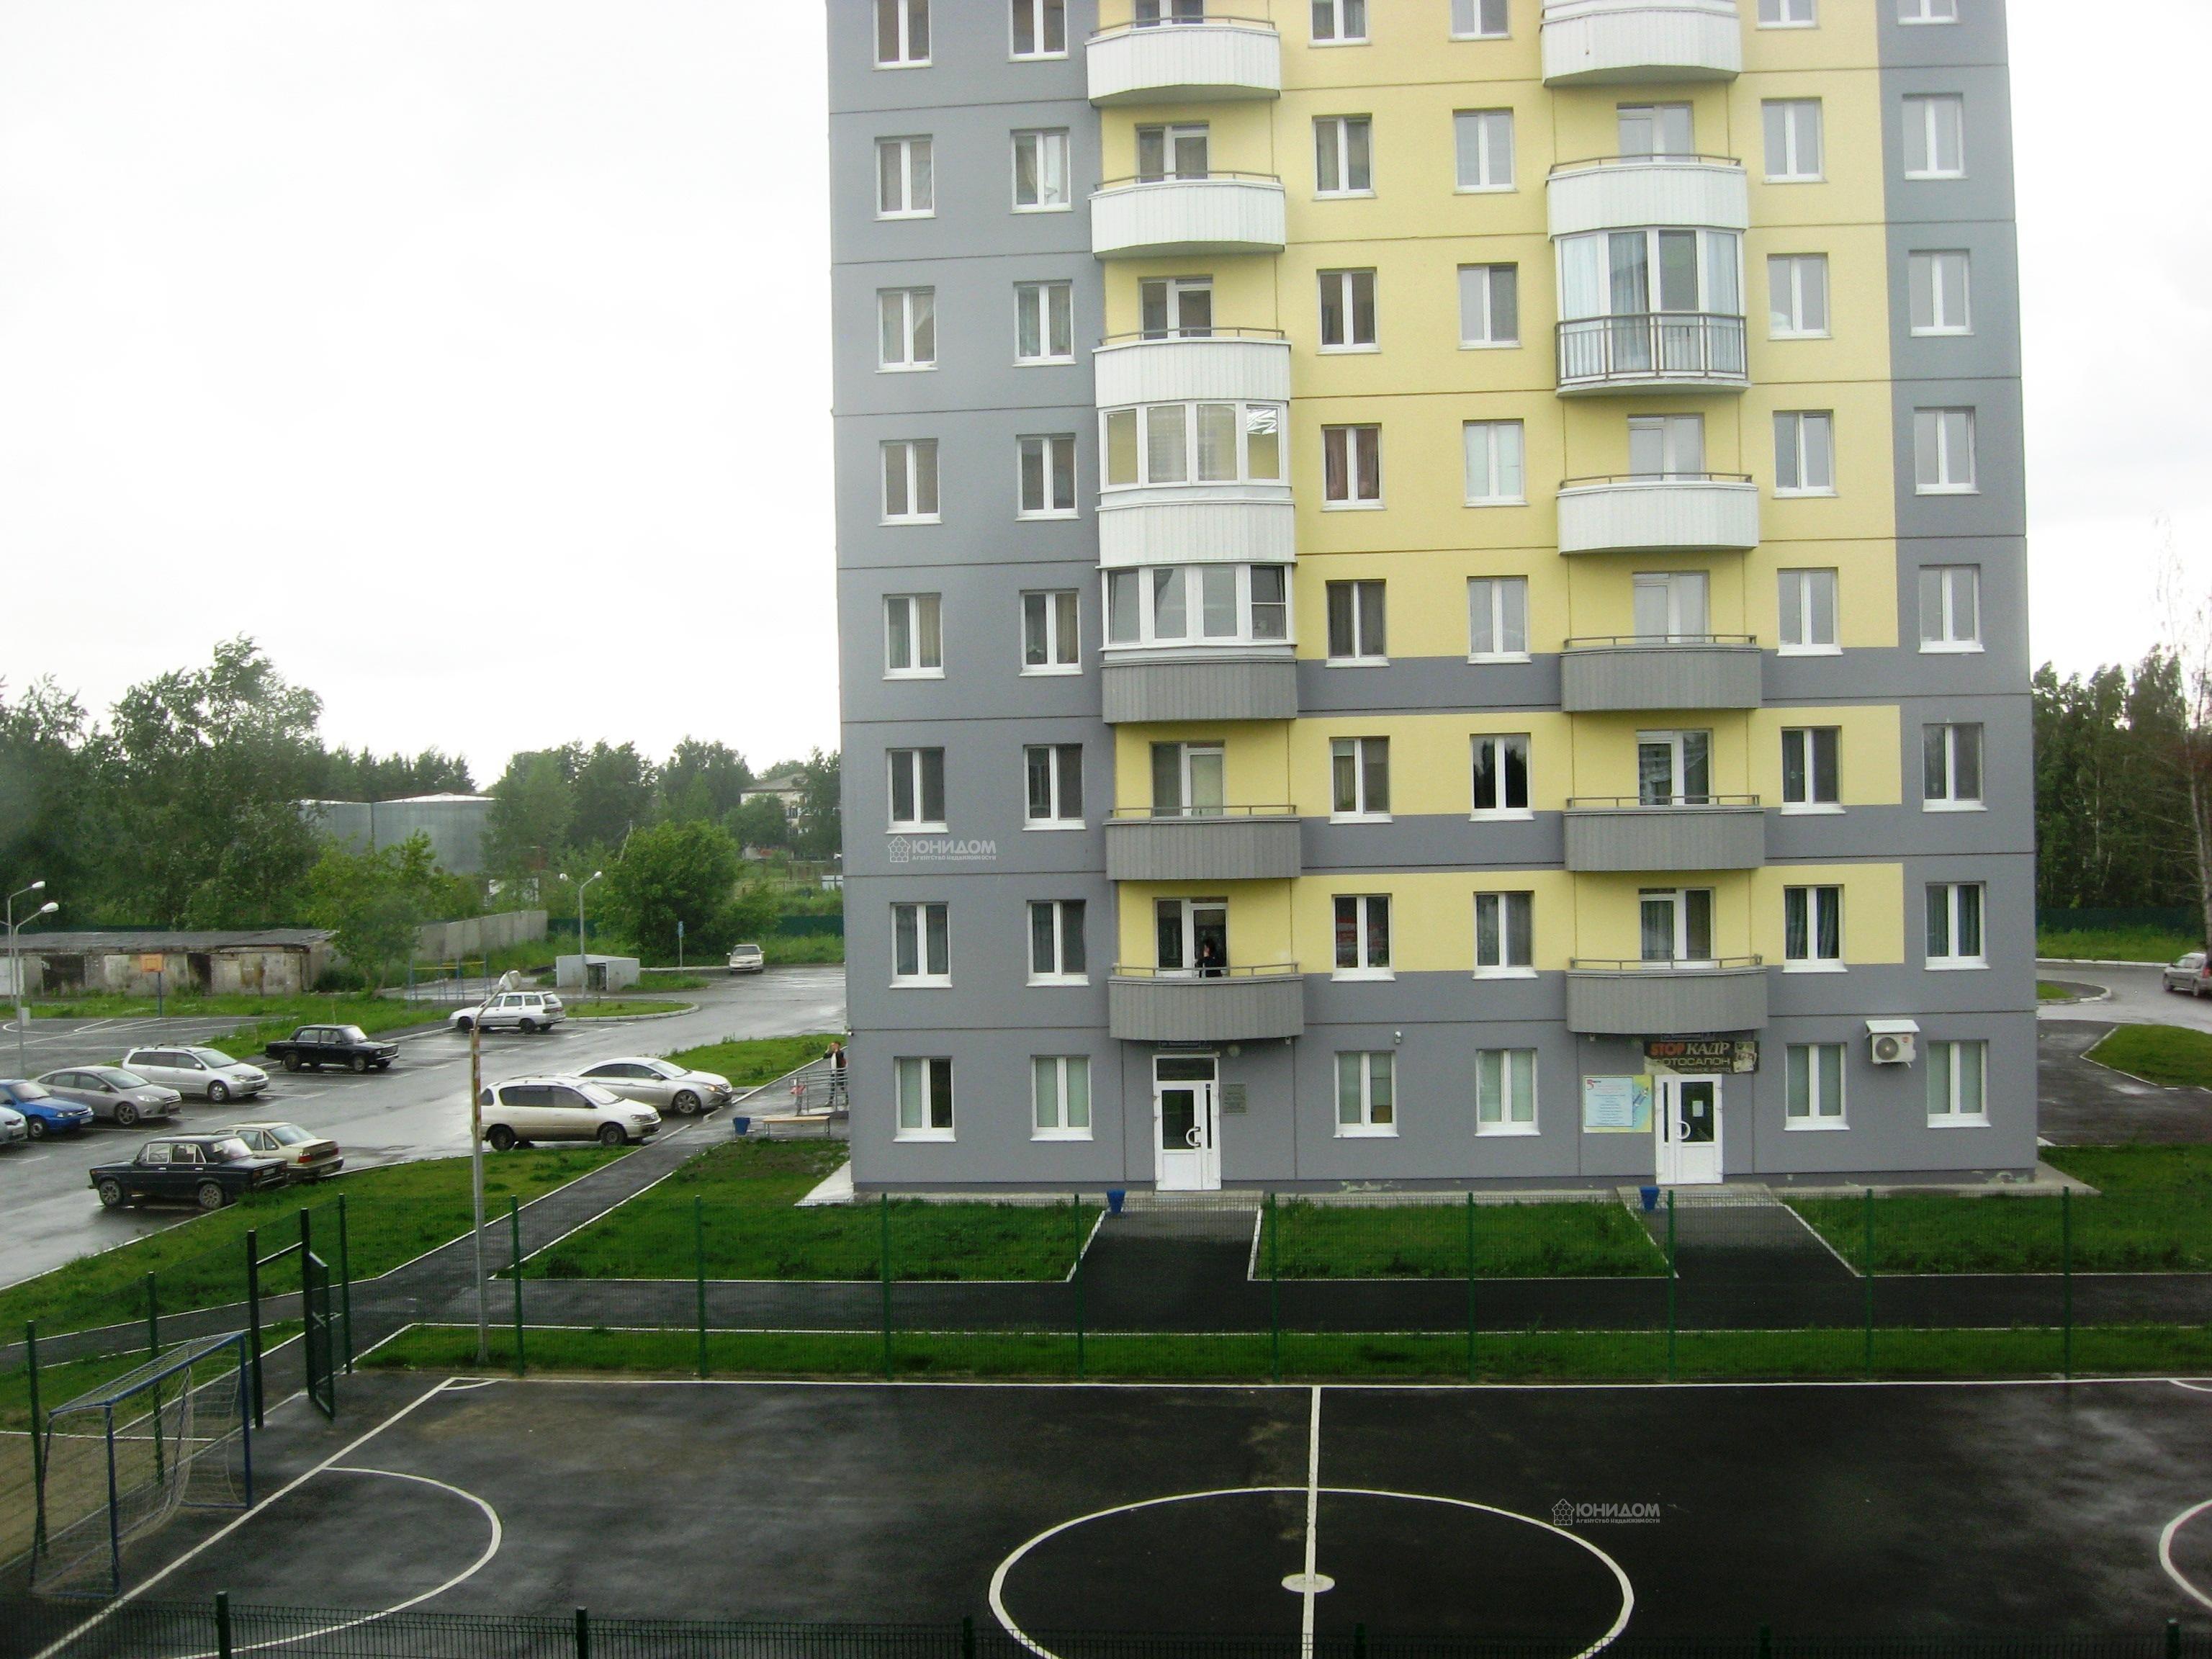 Продам 3-комн. квартиру по адресу Россия, Тюменская область, Тюмень, Беловежская 7 к1 фото 24 по выгодной цене